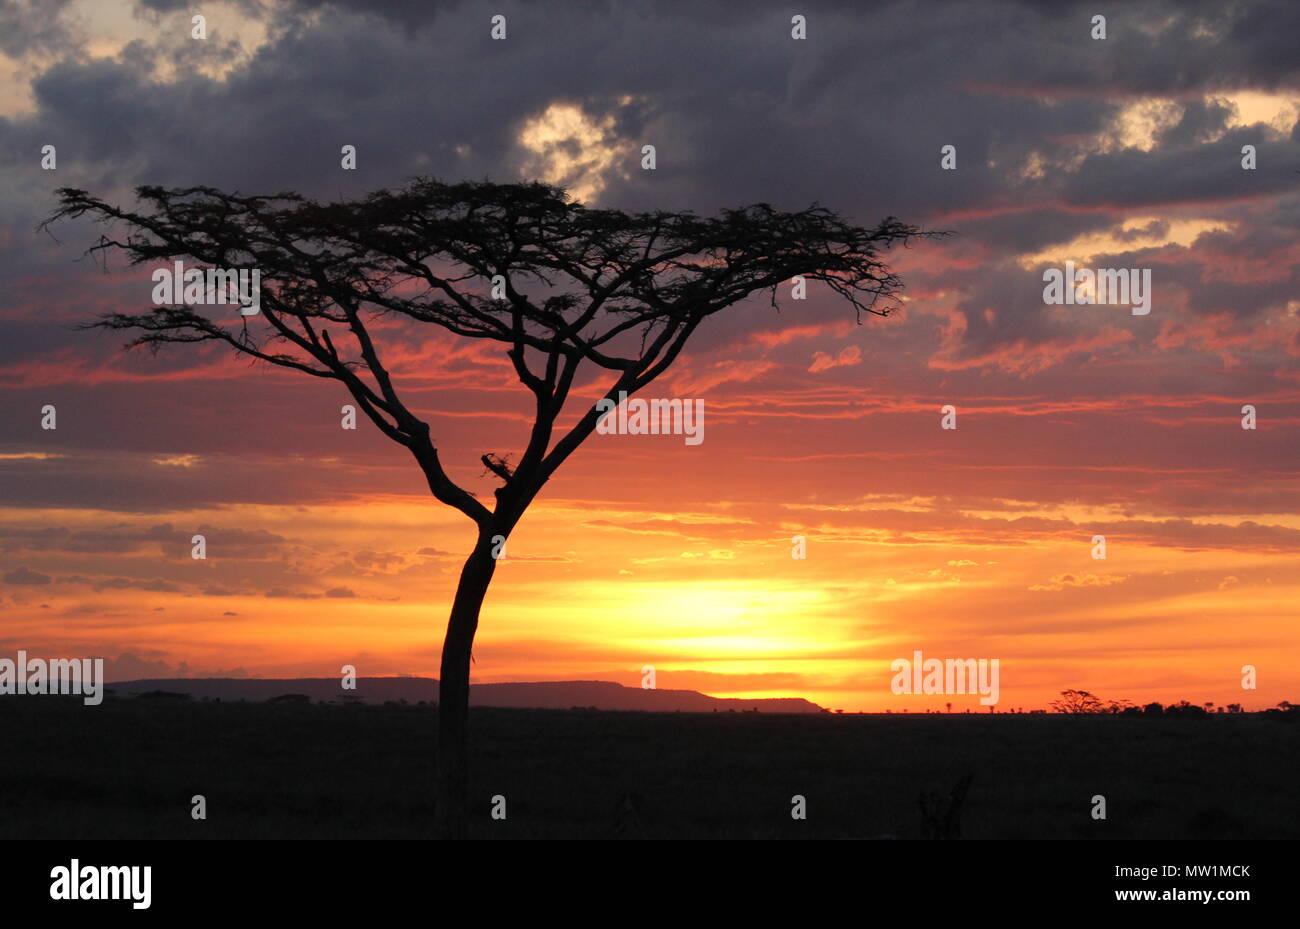 Las sombras de los árboles en la parte delantera de la puesta de sol en la sabana africana Imagen De Stock